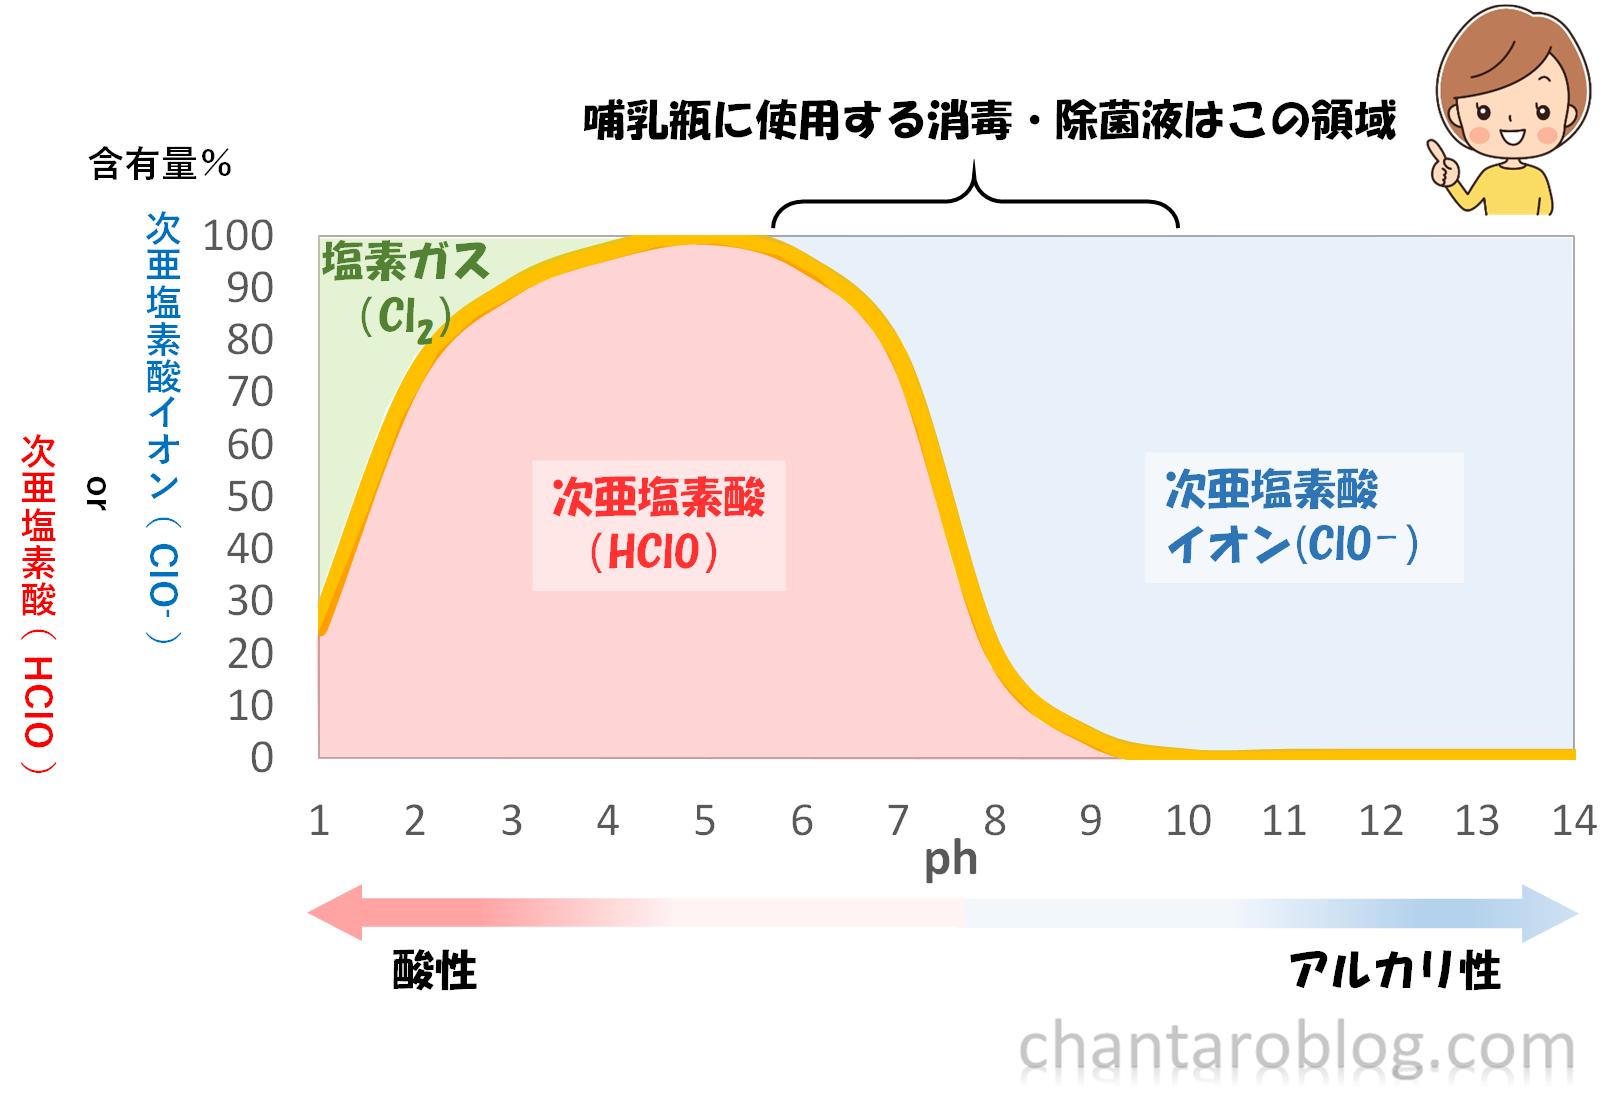 塩素の有効成分を表すグラフ